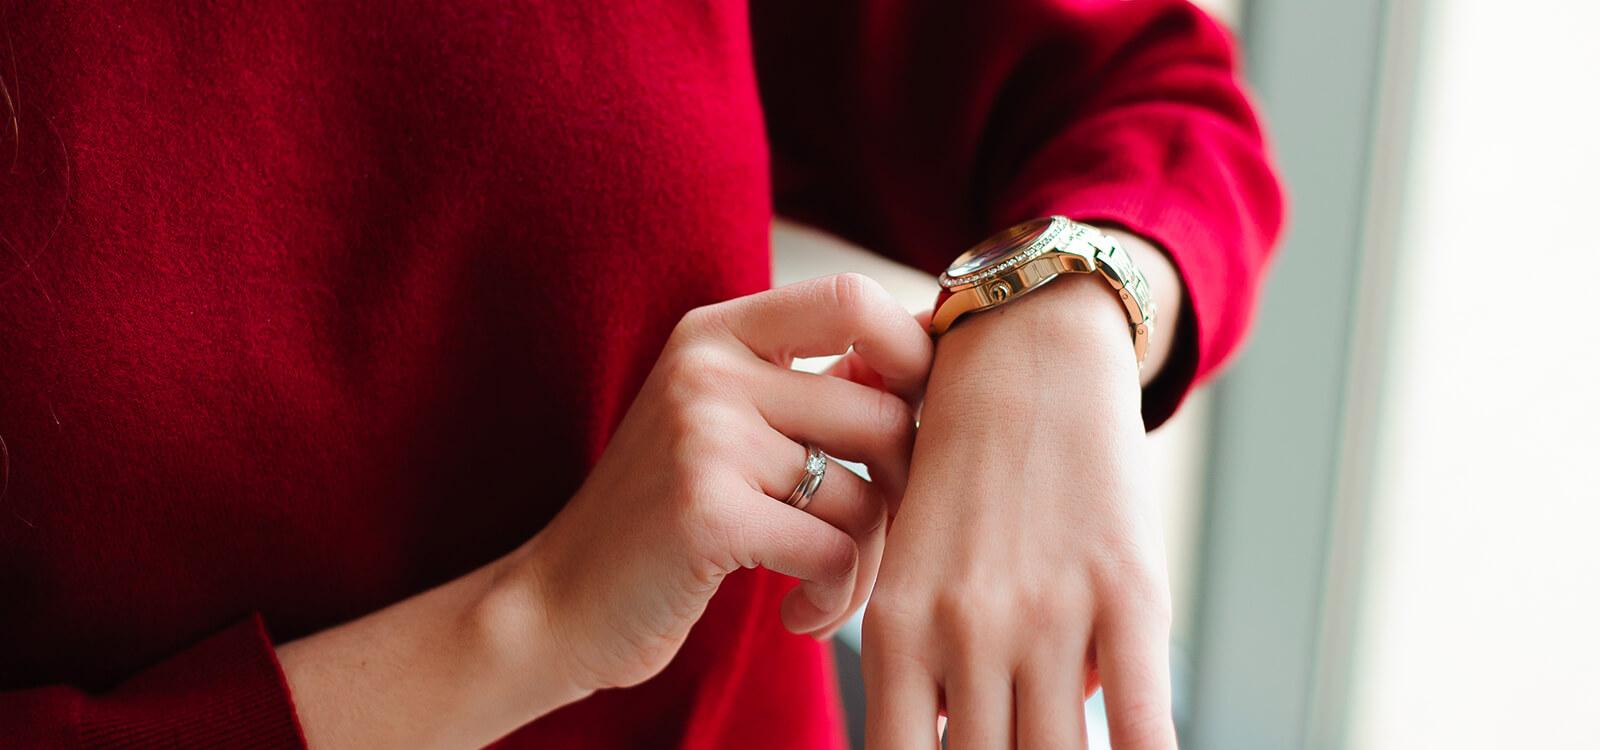 Zegarek dla szefowej - na co zwrócić uwagę?